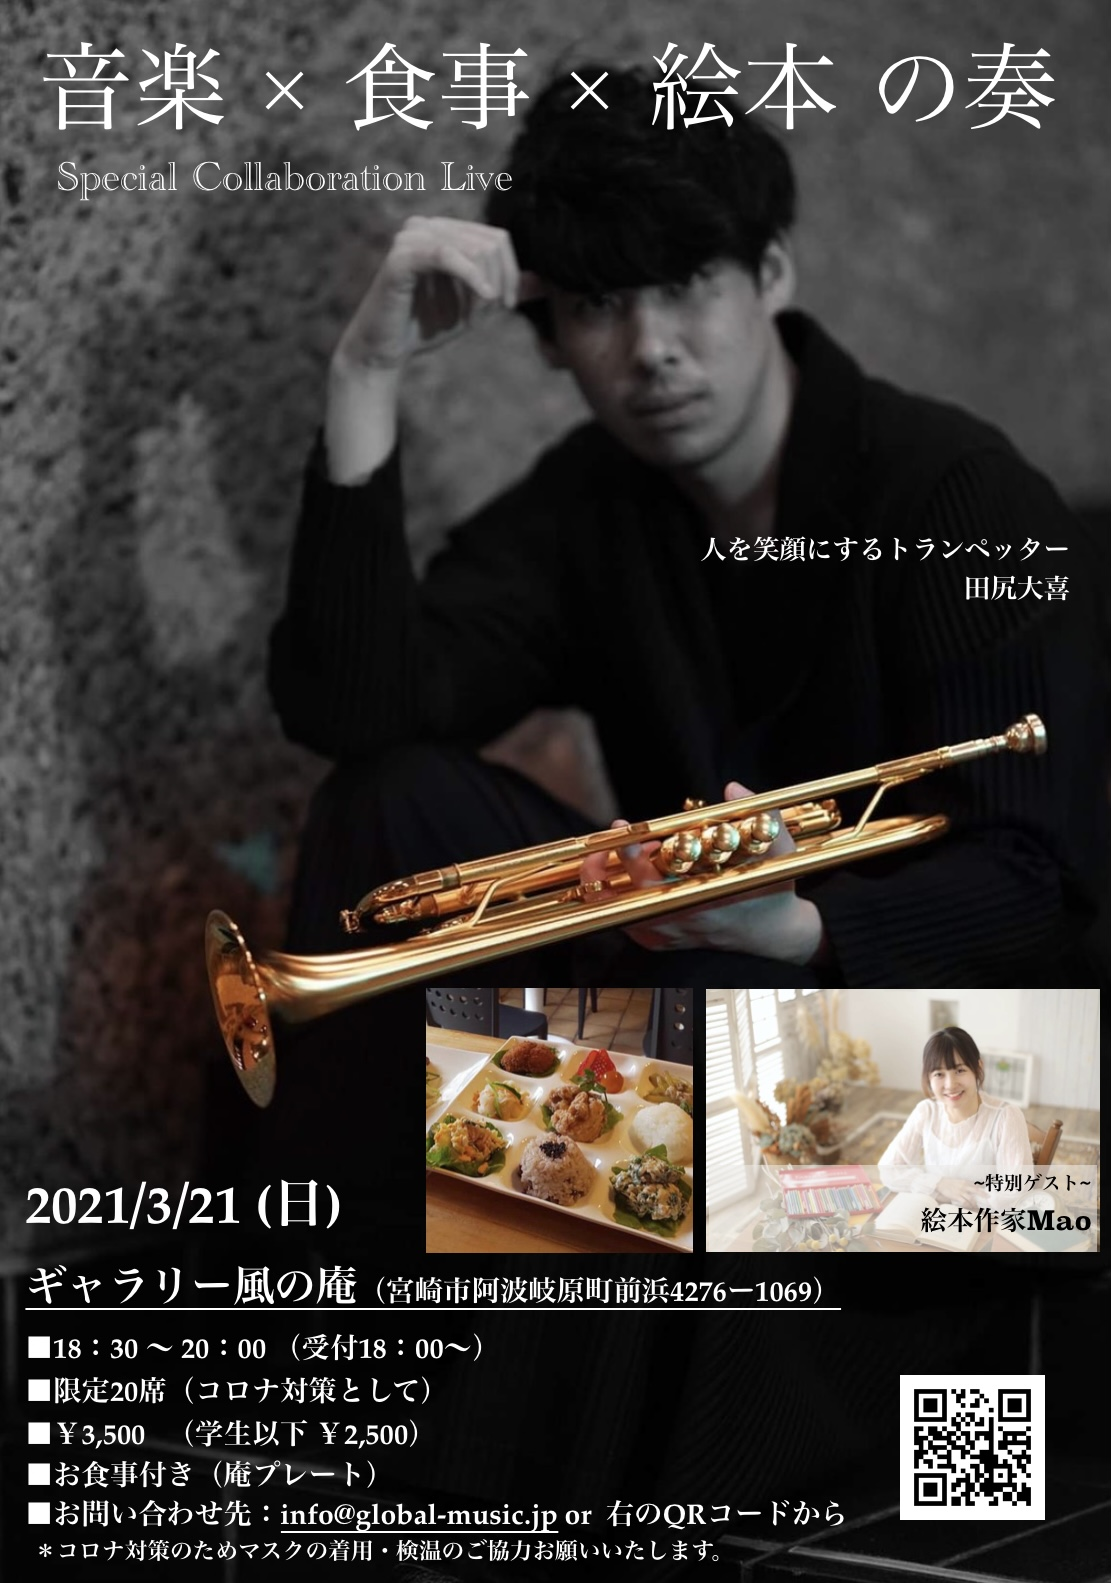 音楽 × 食事 × 絵本 の奏 Special Collaboration Live